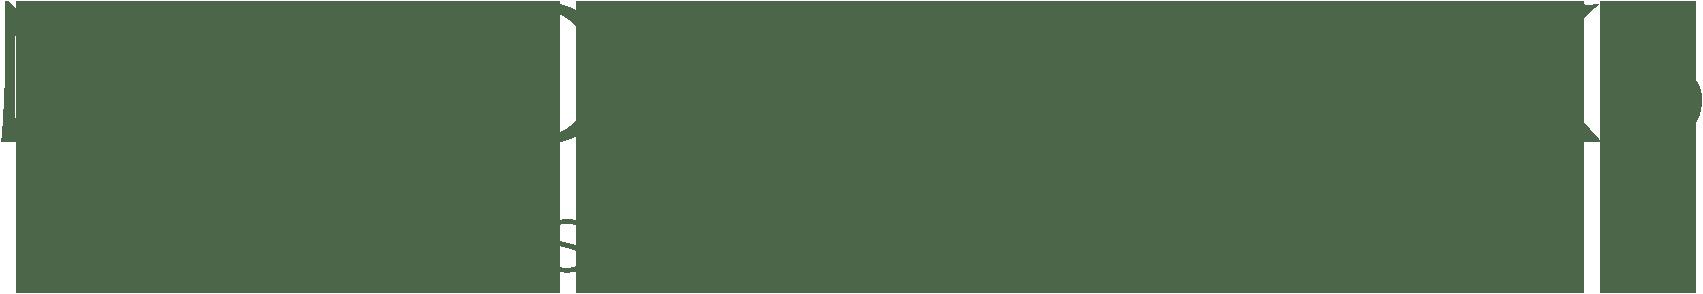 national-parks-logo